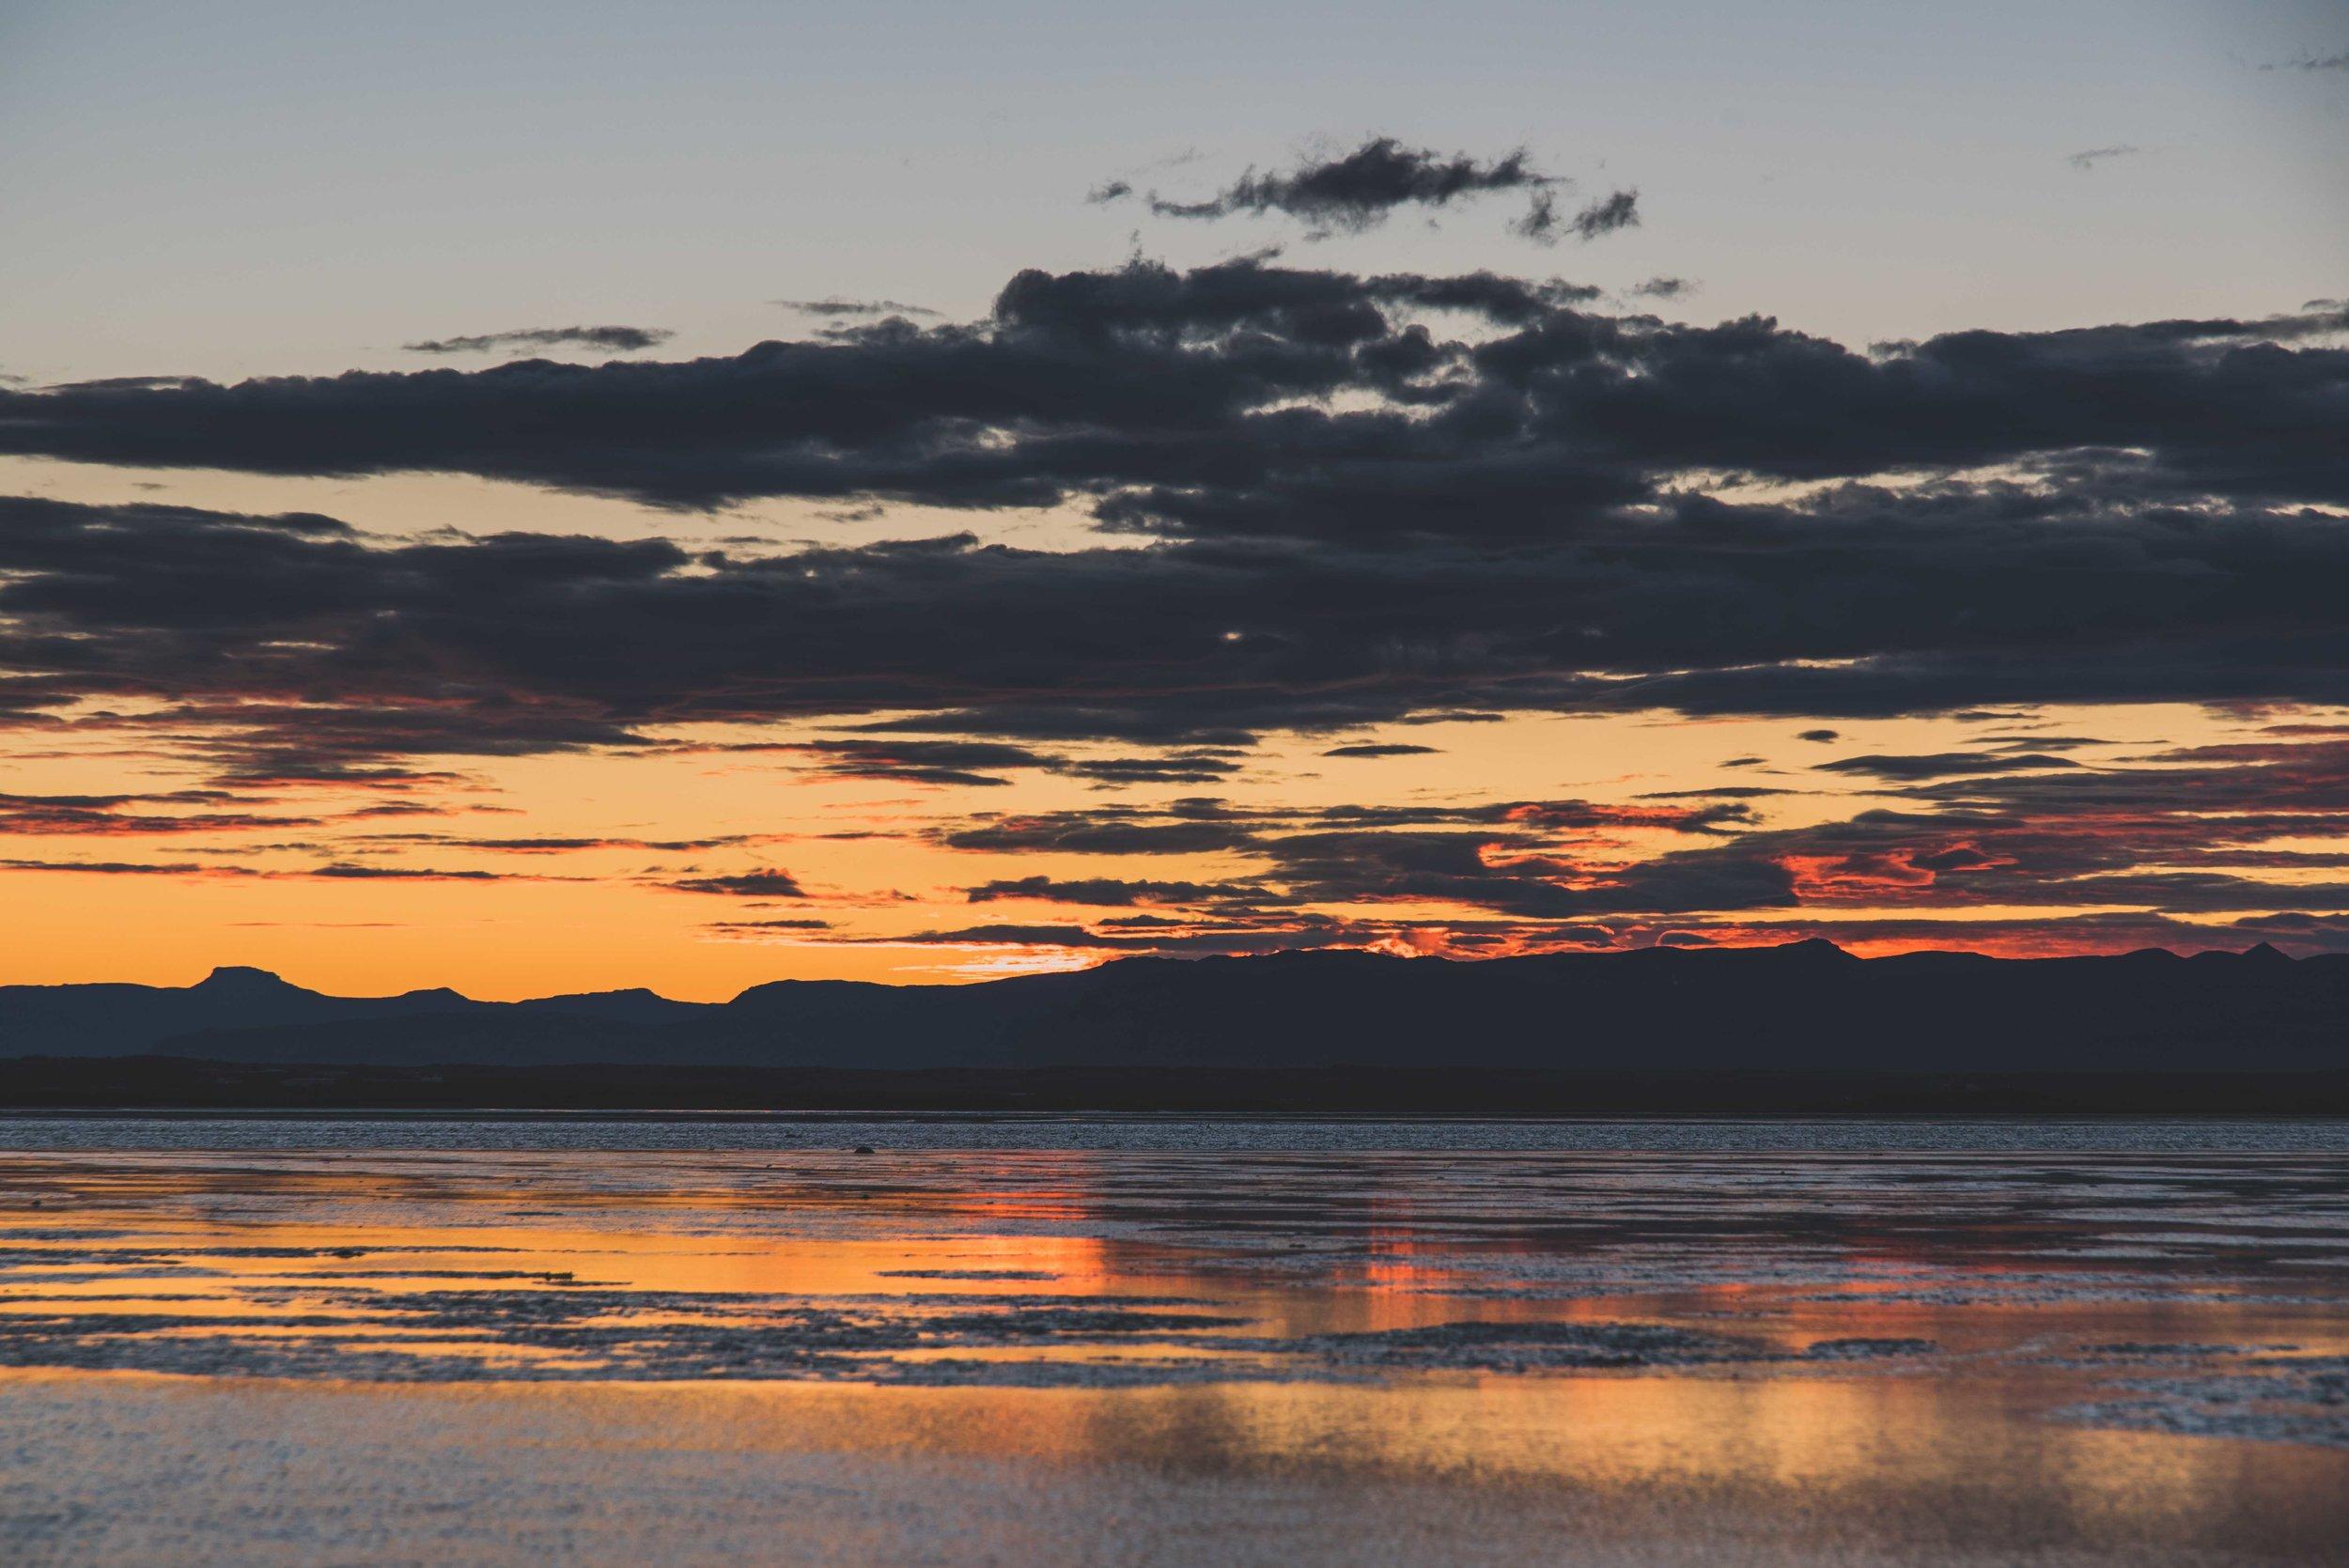 Joe Shutter Iceland Blogger Photographer_-24.jpg